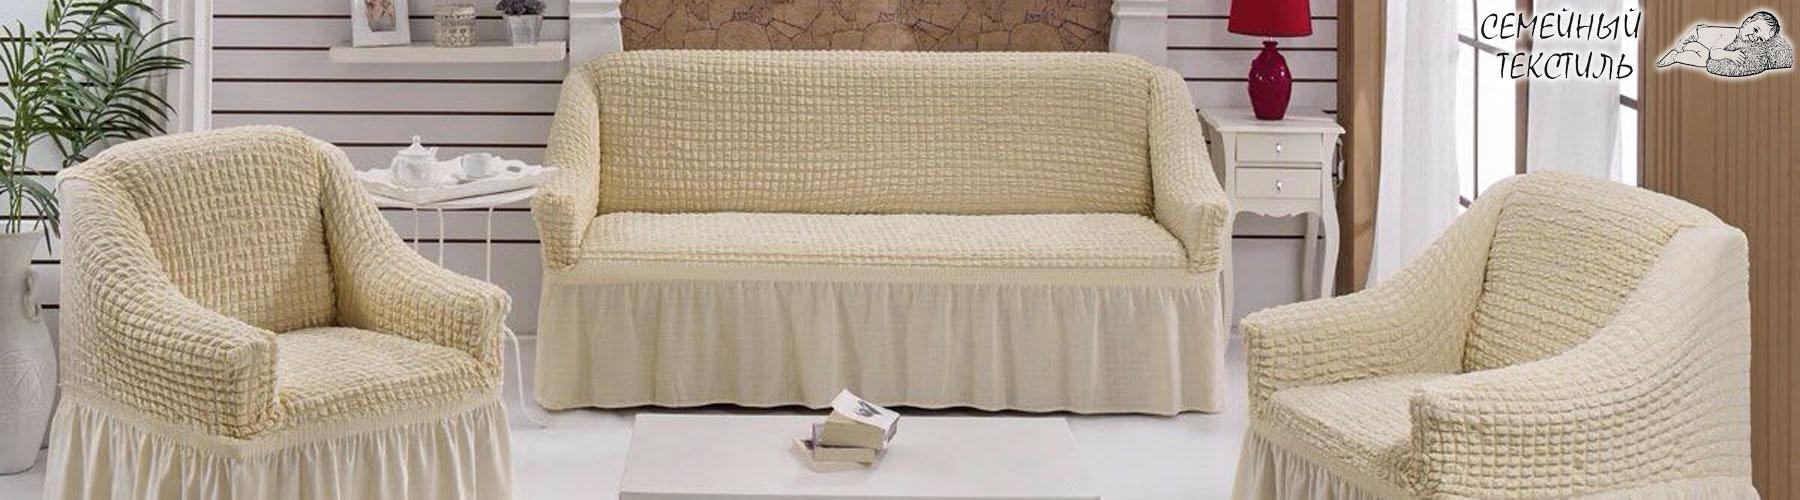 Чехлы для мебели Турецкие